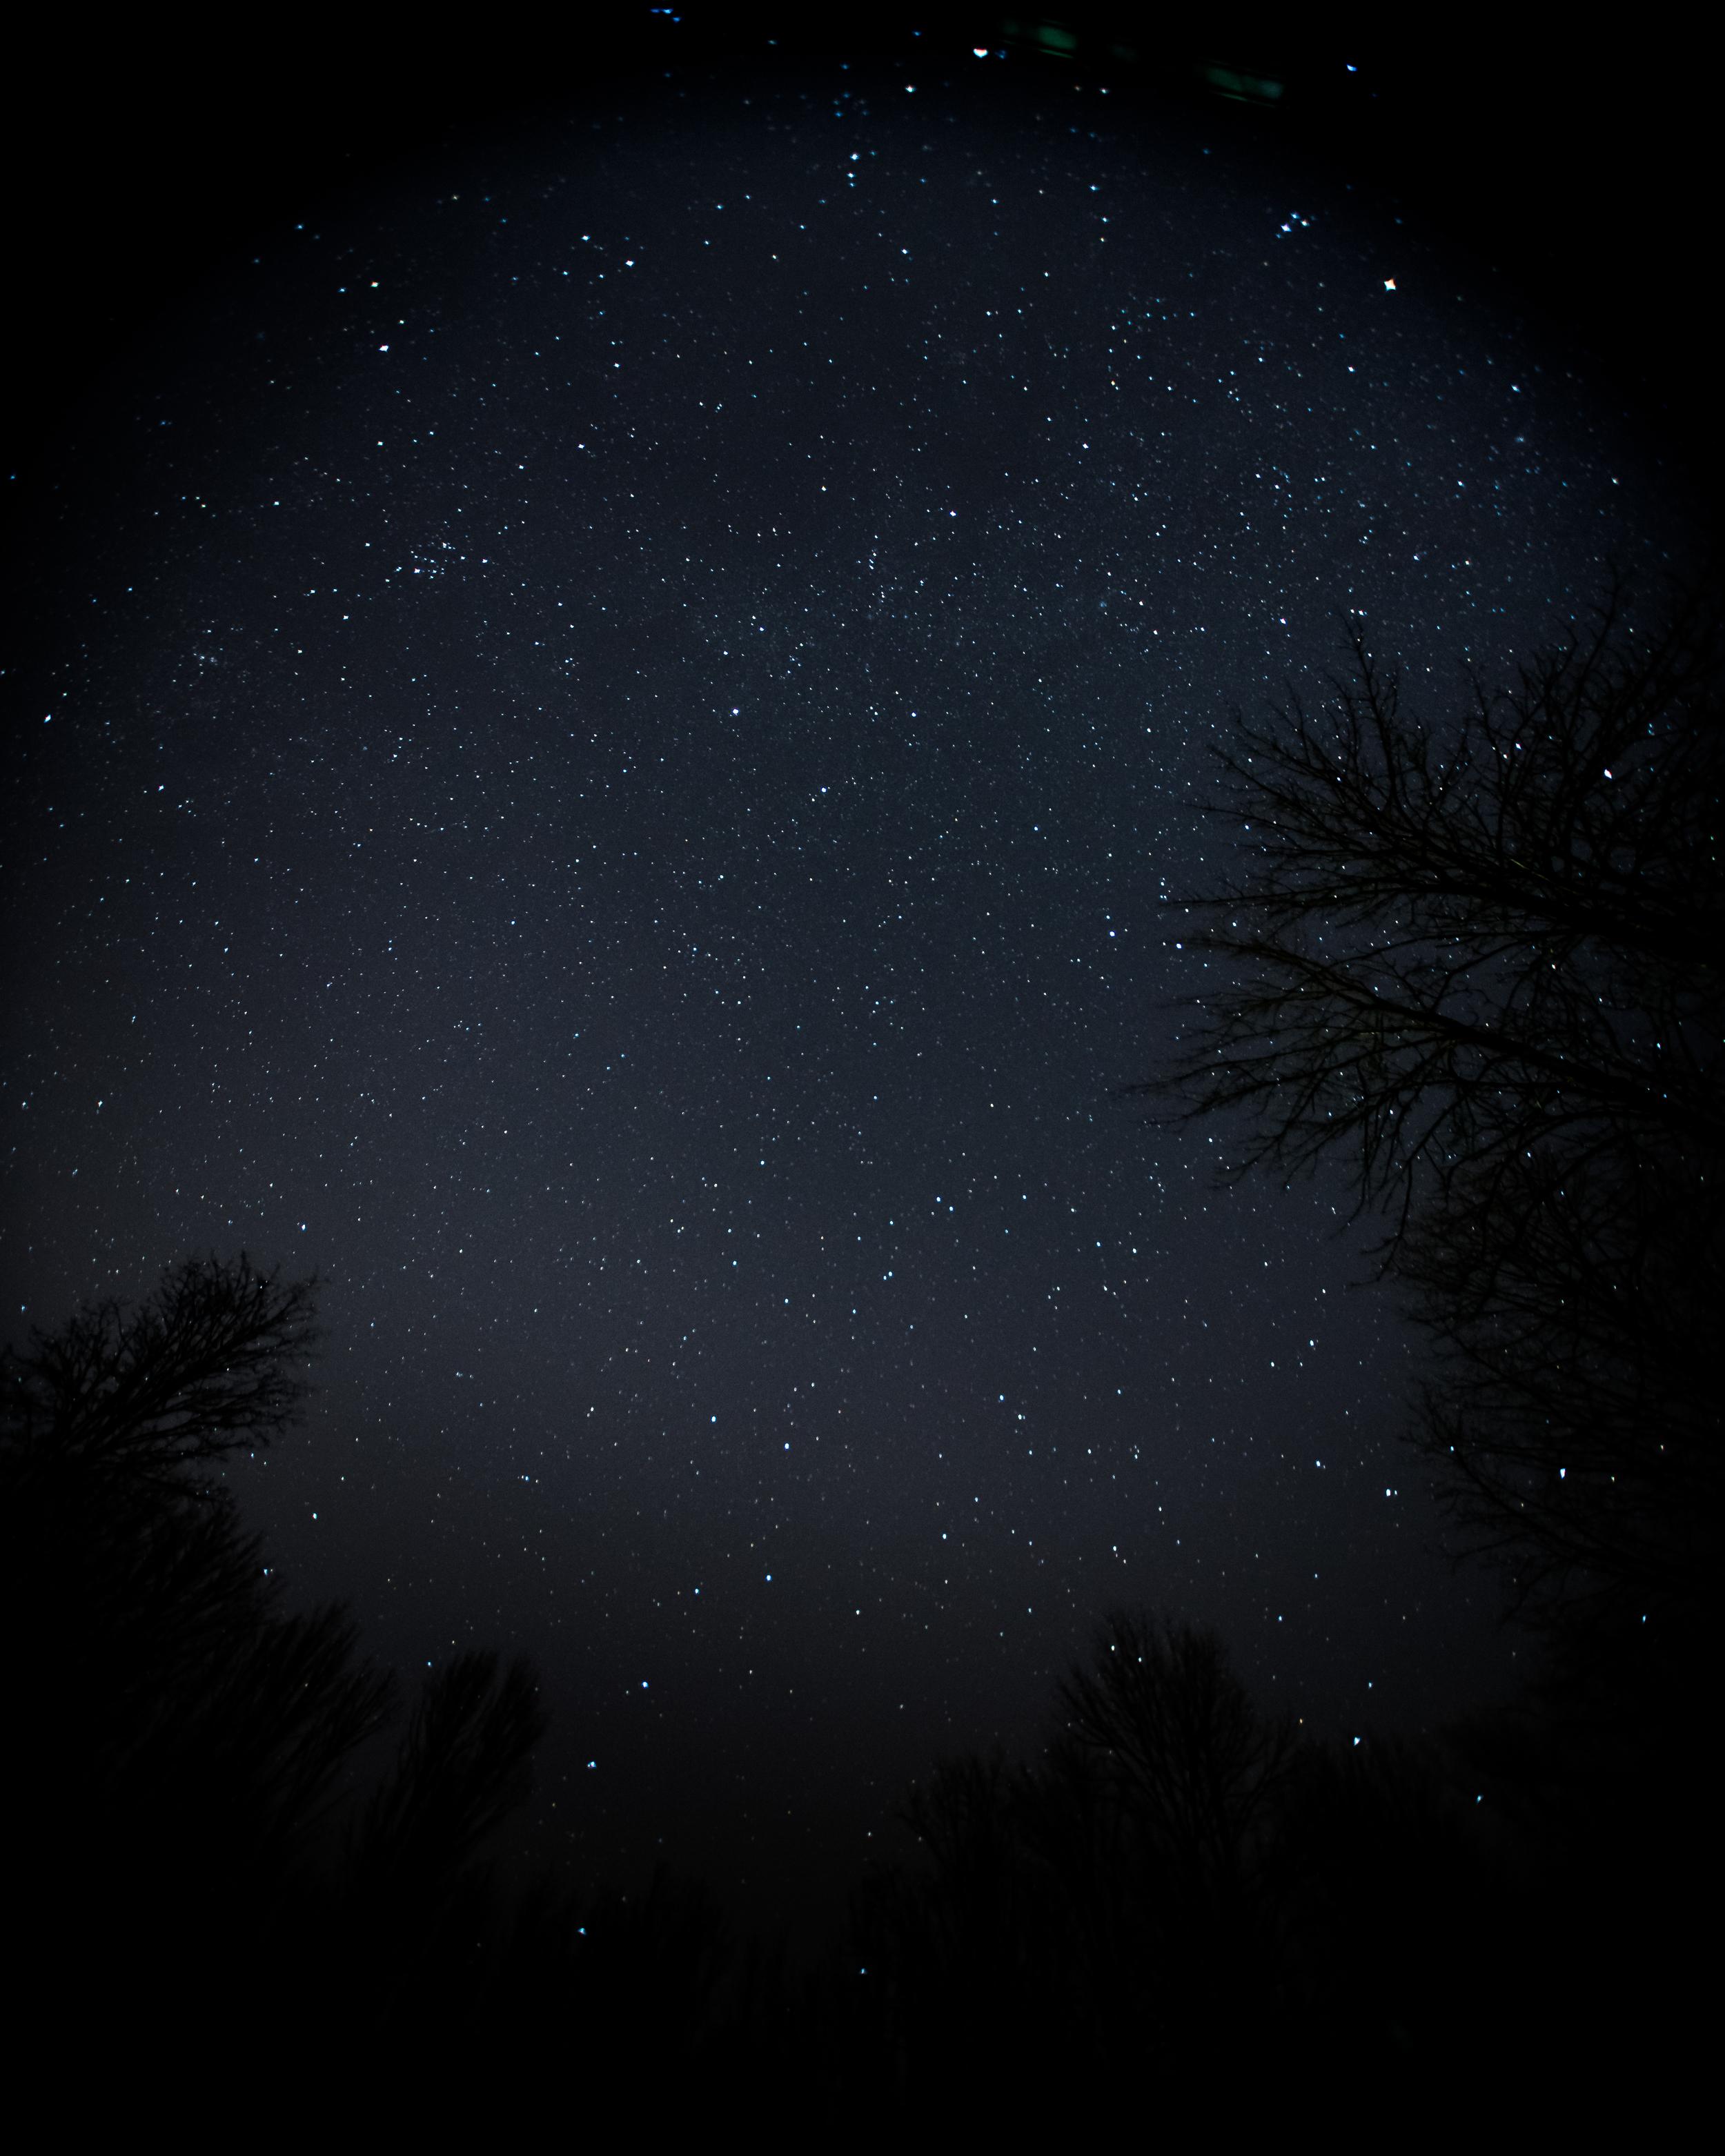 Night Sky Test #2 Nikon D750 ISO 1000 10mm f/3.5 30 secs.